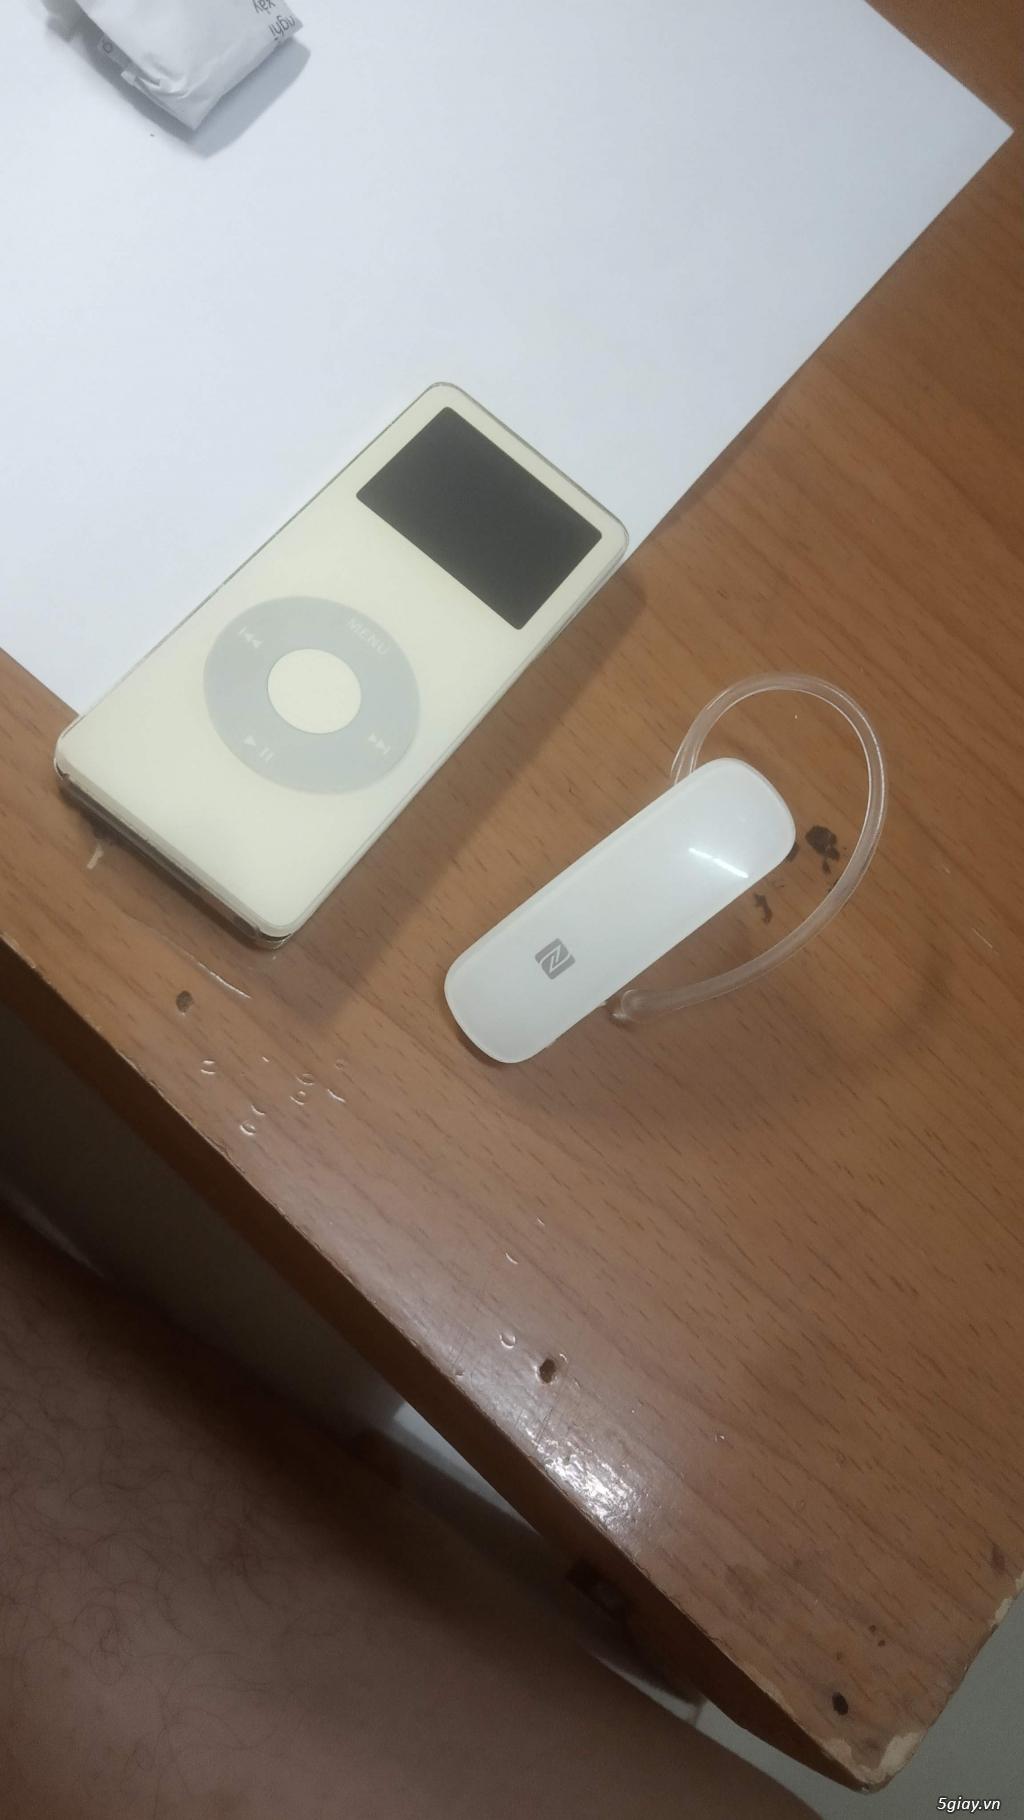 iPod nano gen 1 và tai bluetooth cho dân sưu tầm